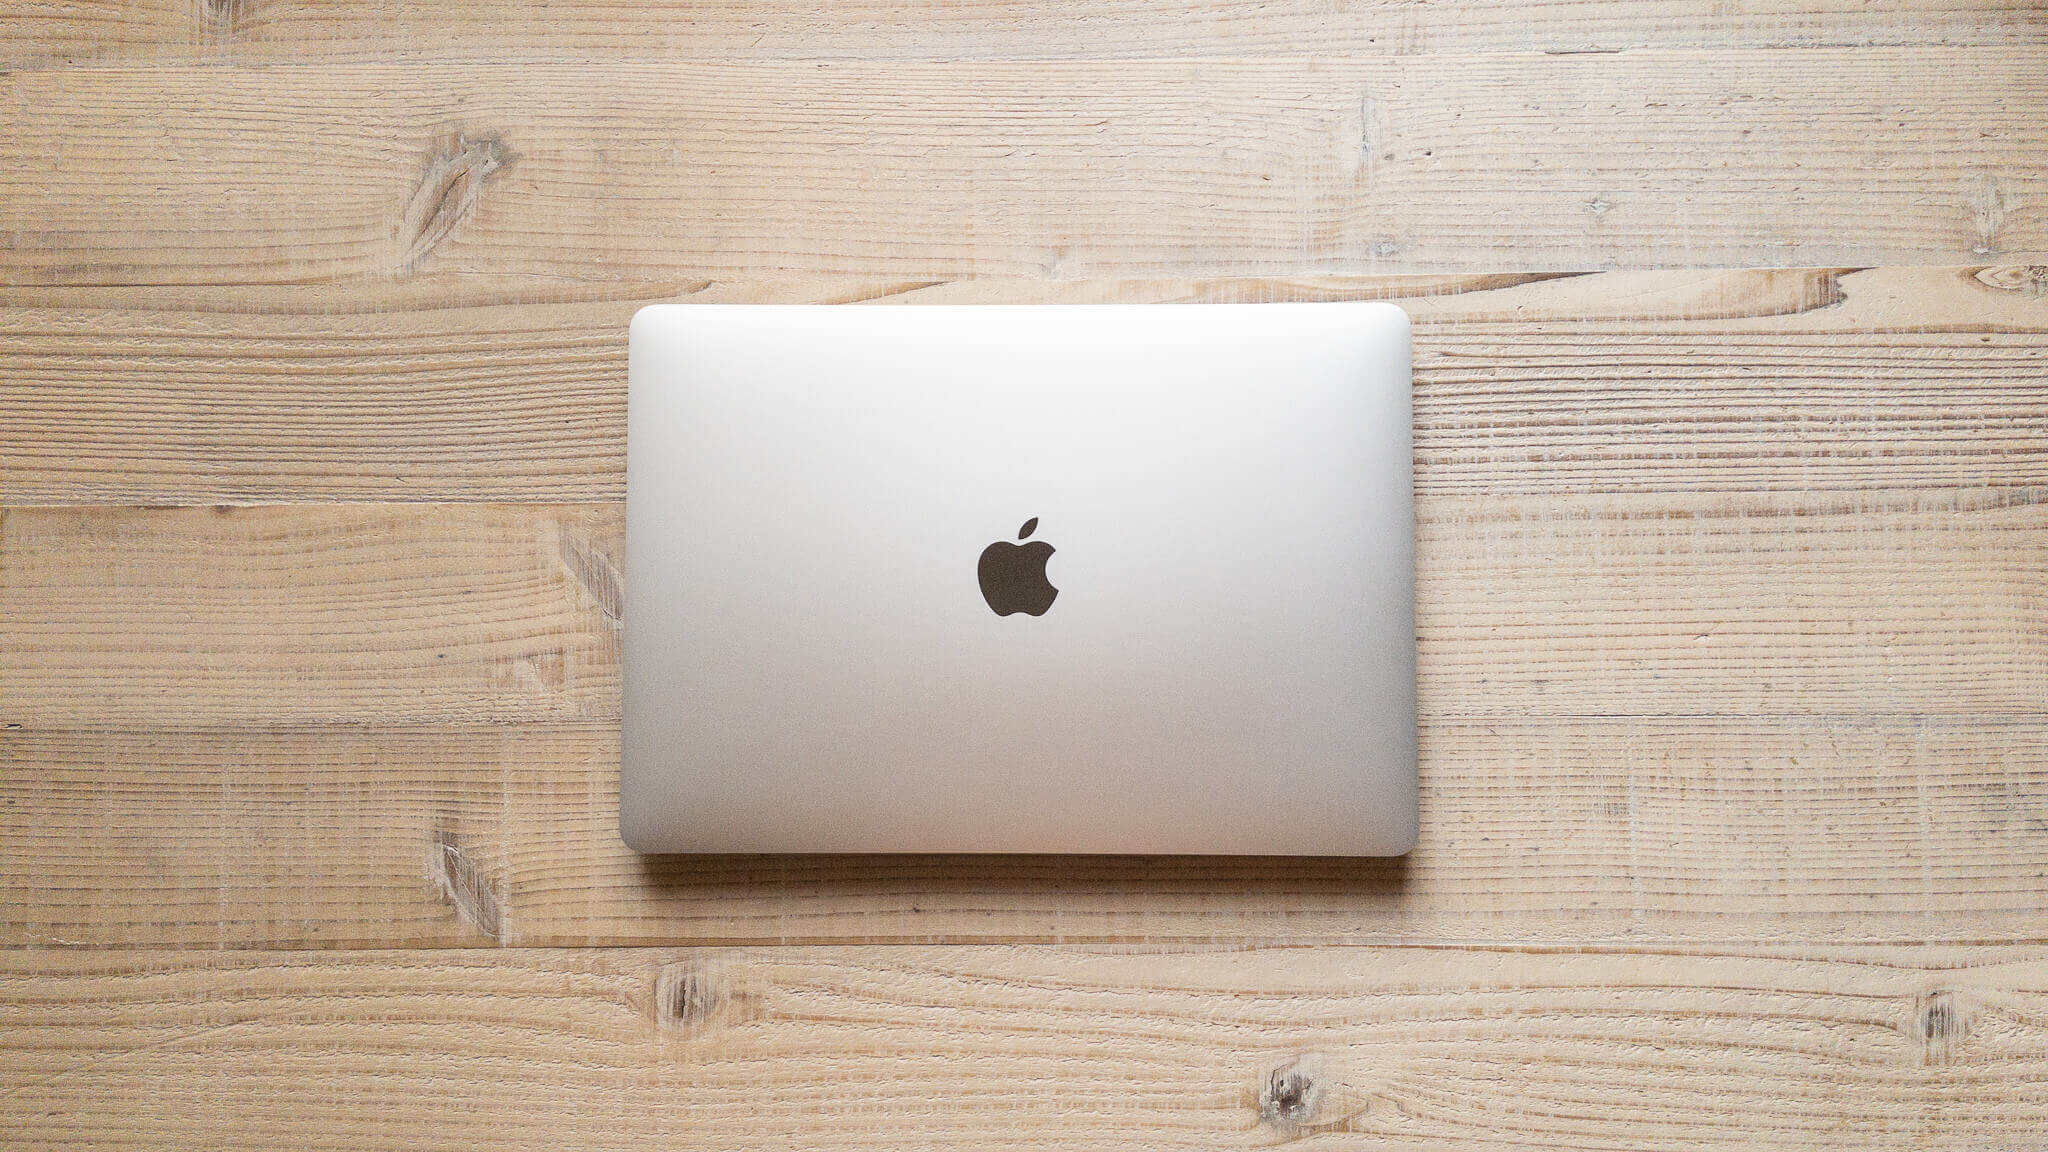 210325 macbook air review 5